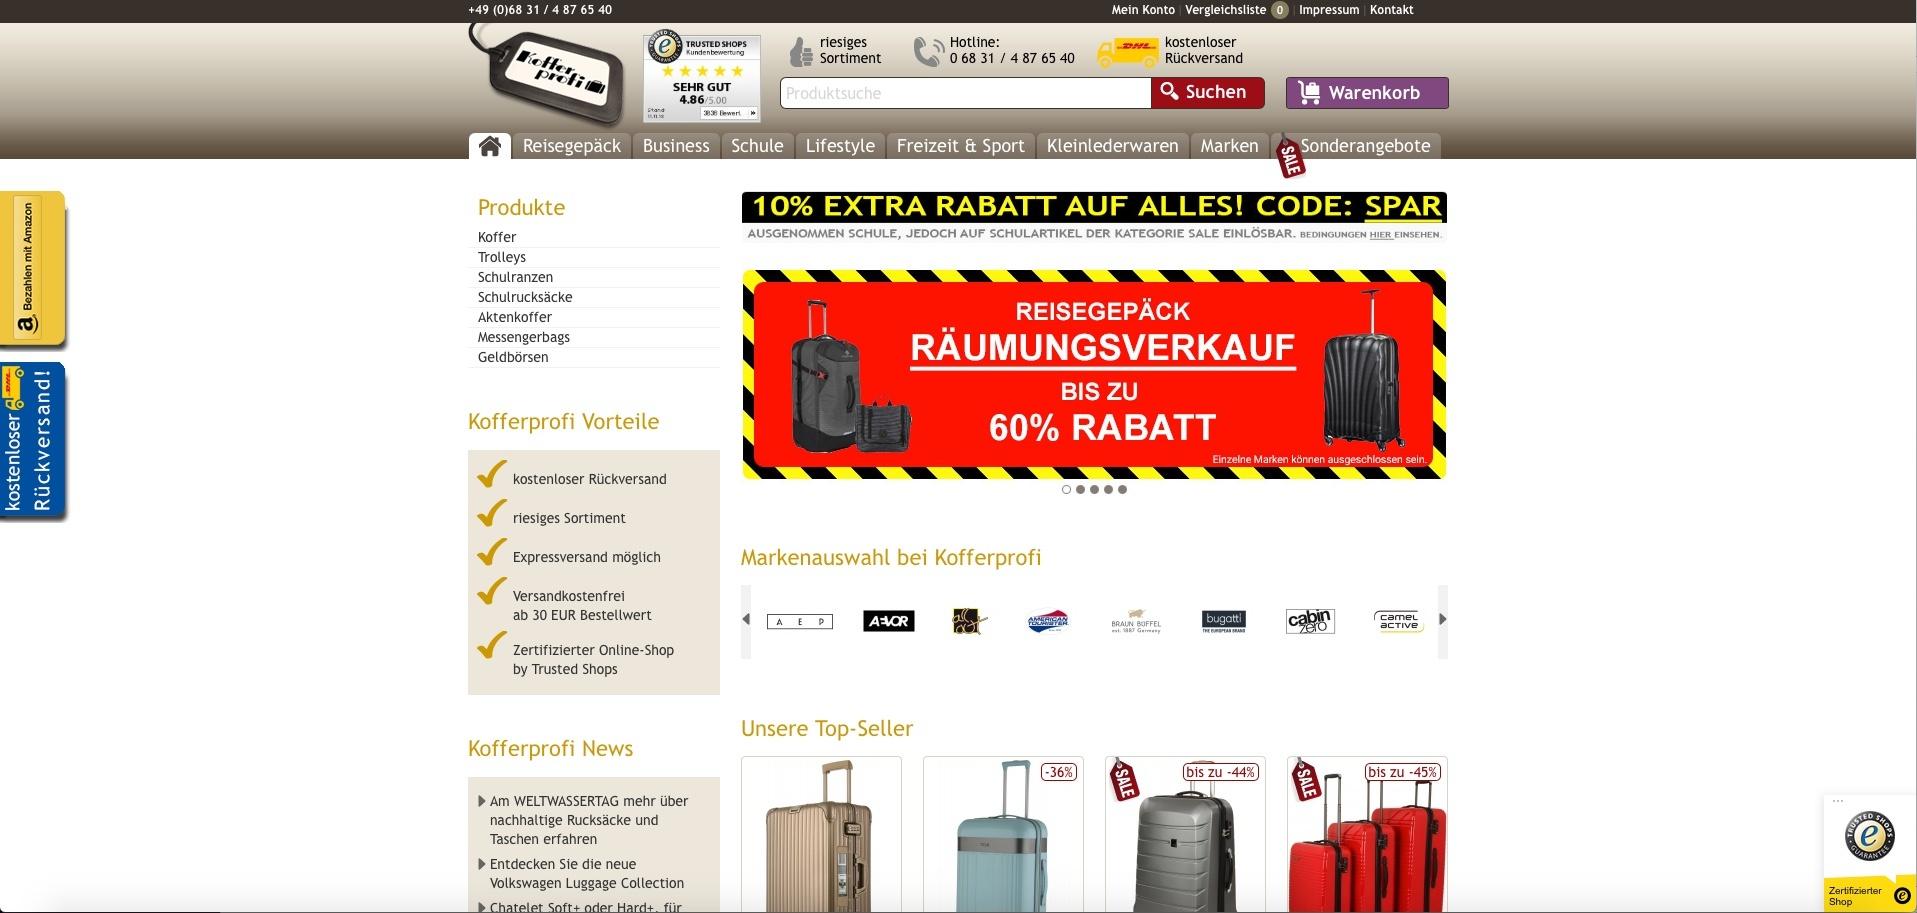 Kofferprofi gehört zu den Top 50 Online Shops bei ExpertenTesten!